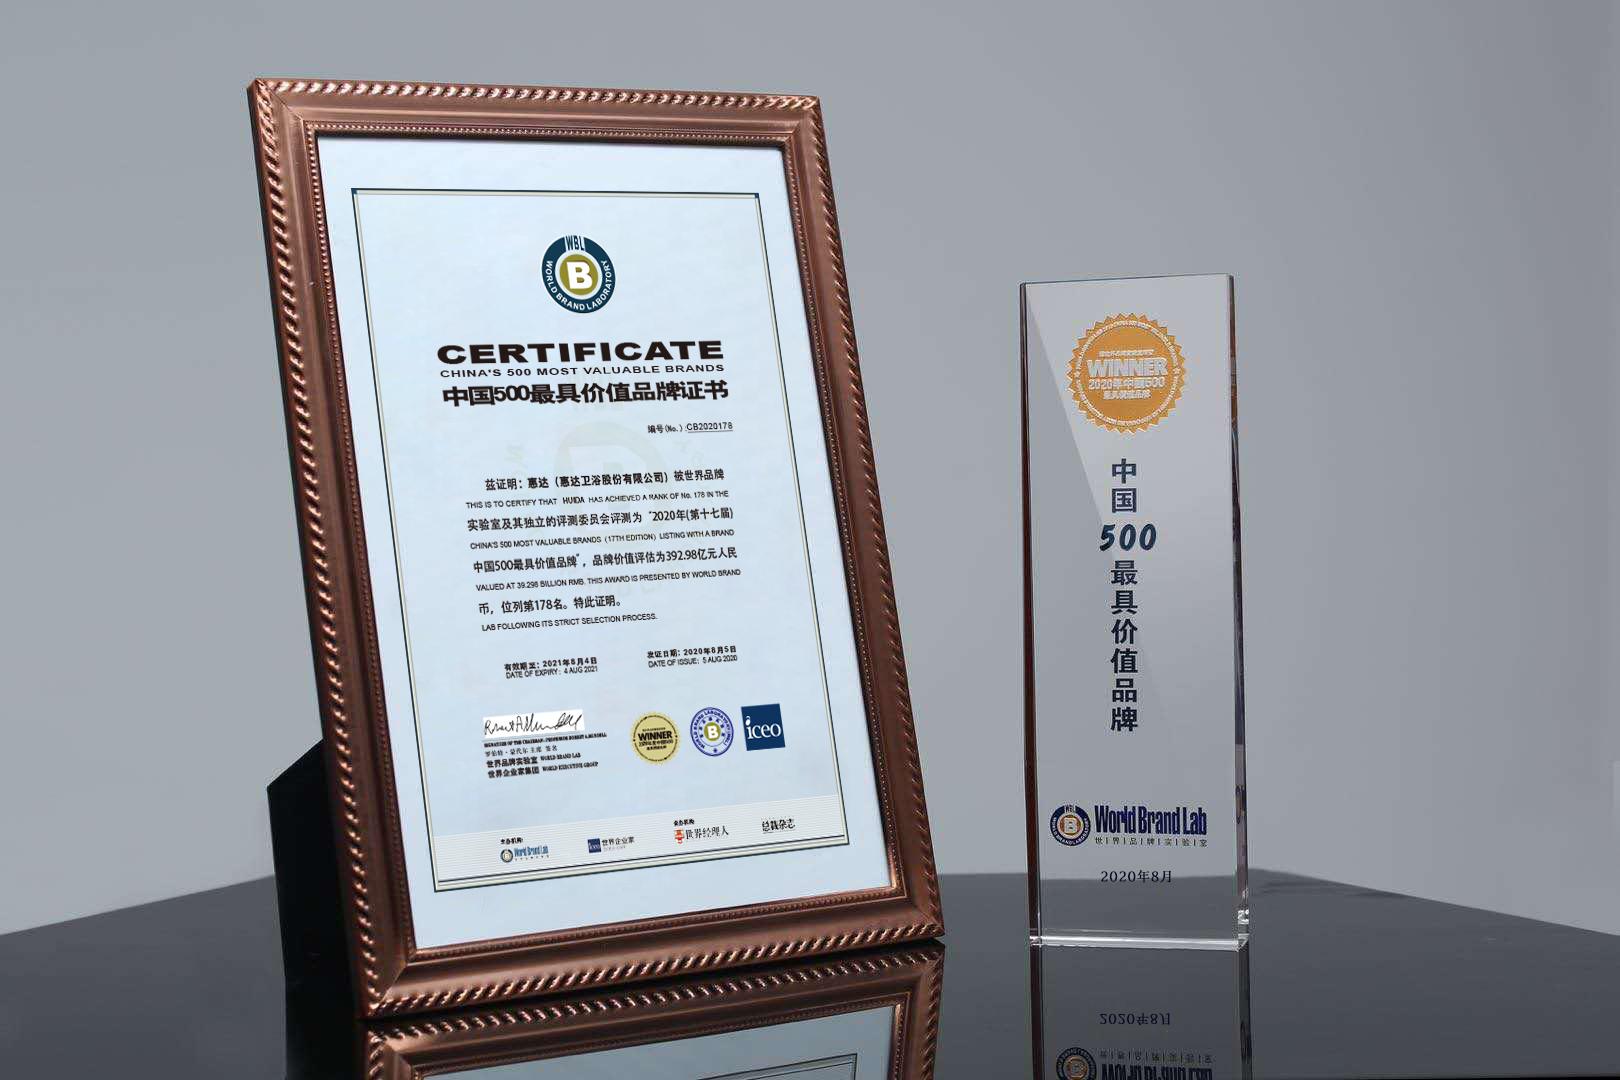 http://img.jiuzheng.com/news/s/5f/2b/5f2bbf398f1e037d458b458a.jpg